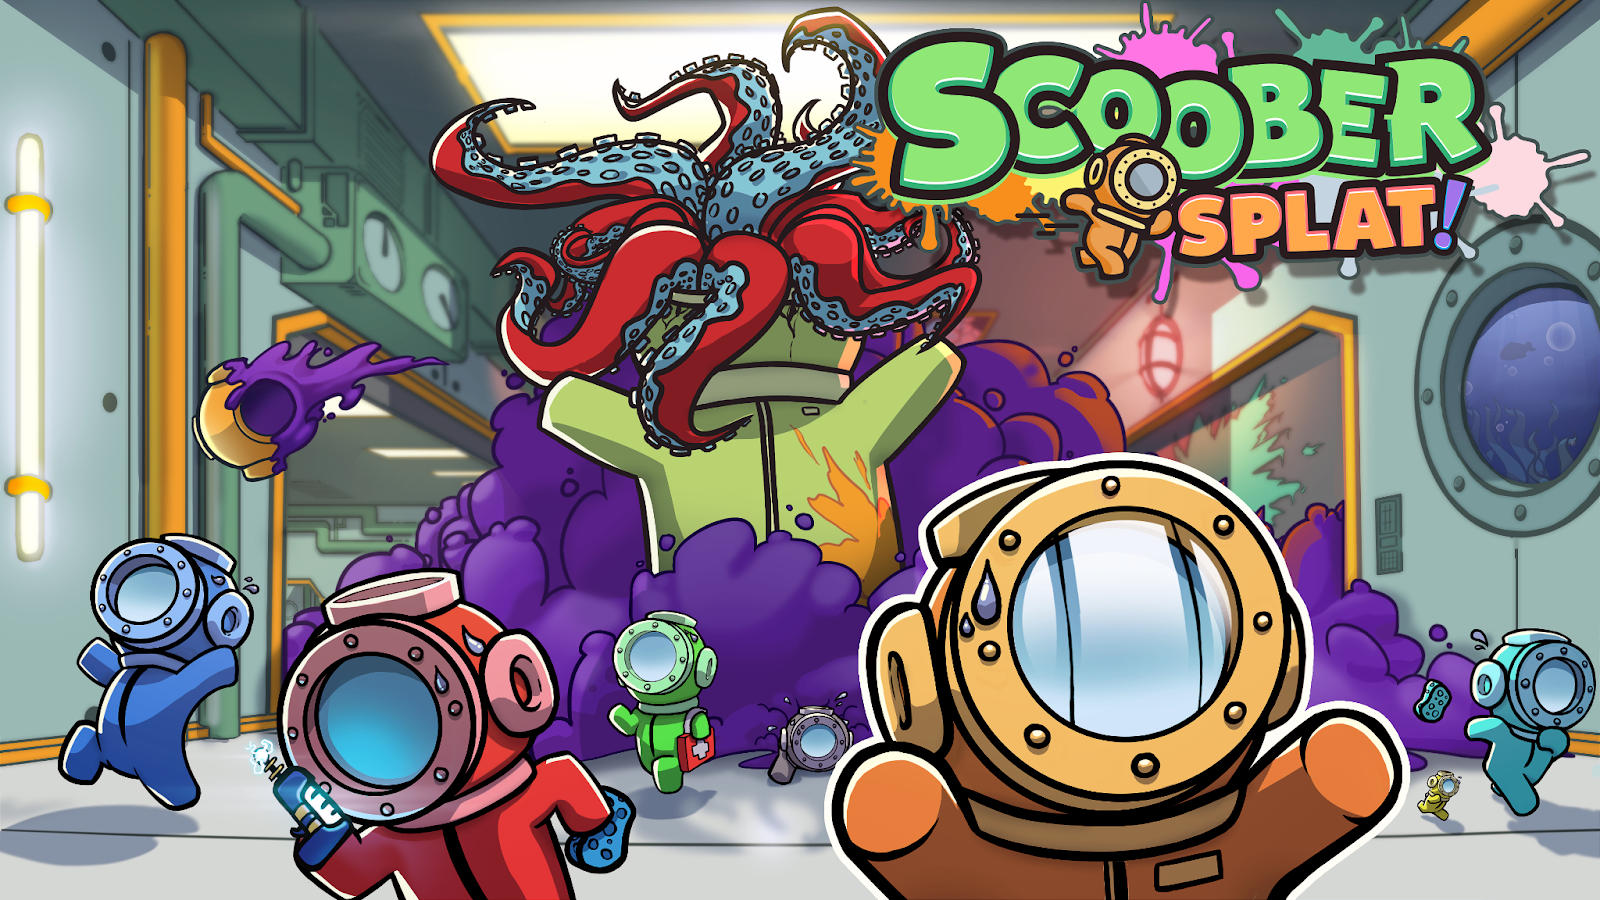 scoober splat key art